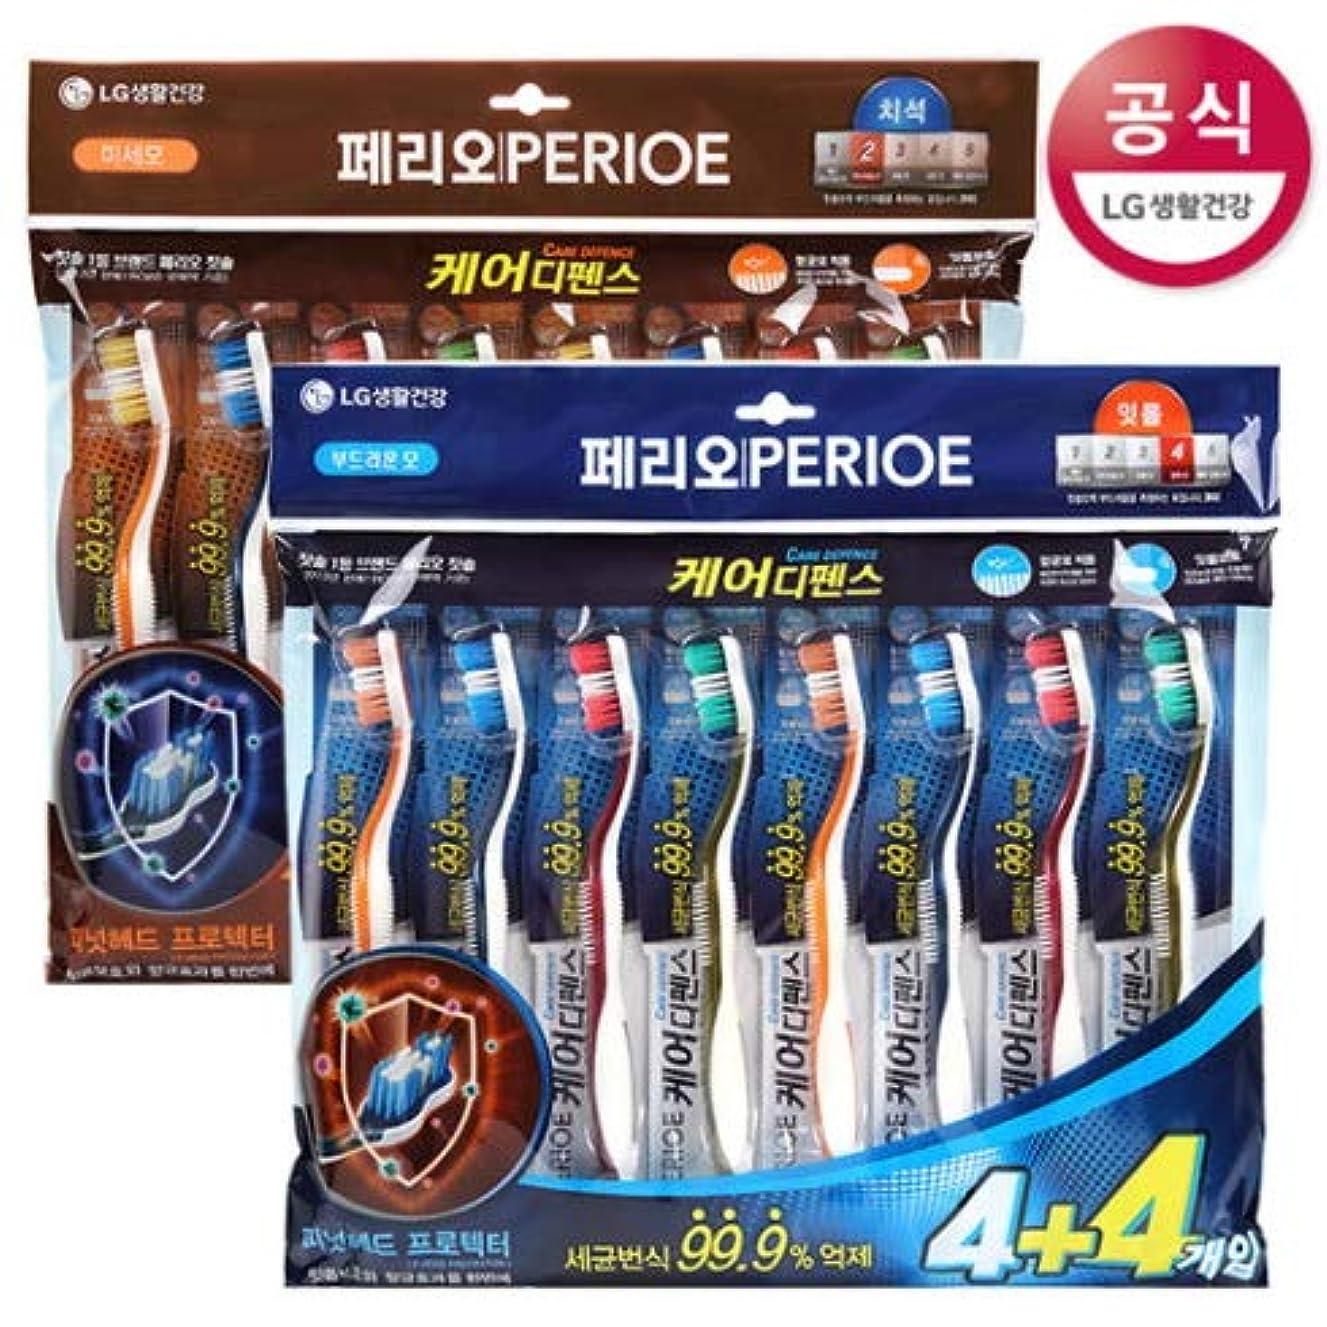 徴収スイス人申込み[LG HnB] Perio CareDance Toothbrush/ペリオケアディフェンス歯ブラシ 8口x2個(海外直送品)